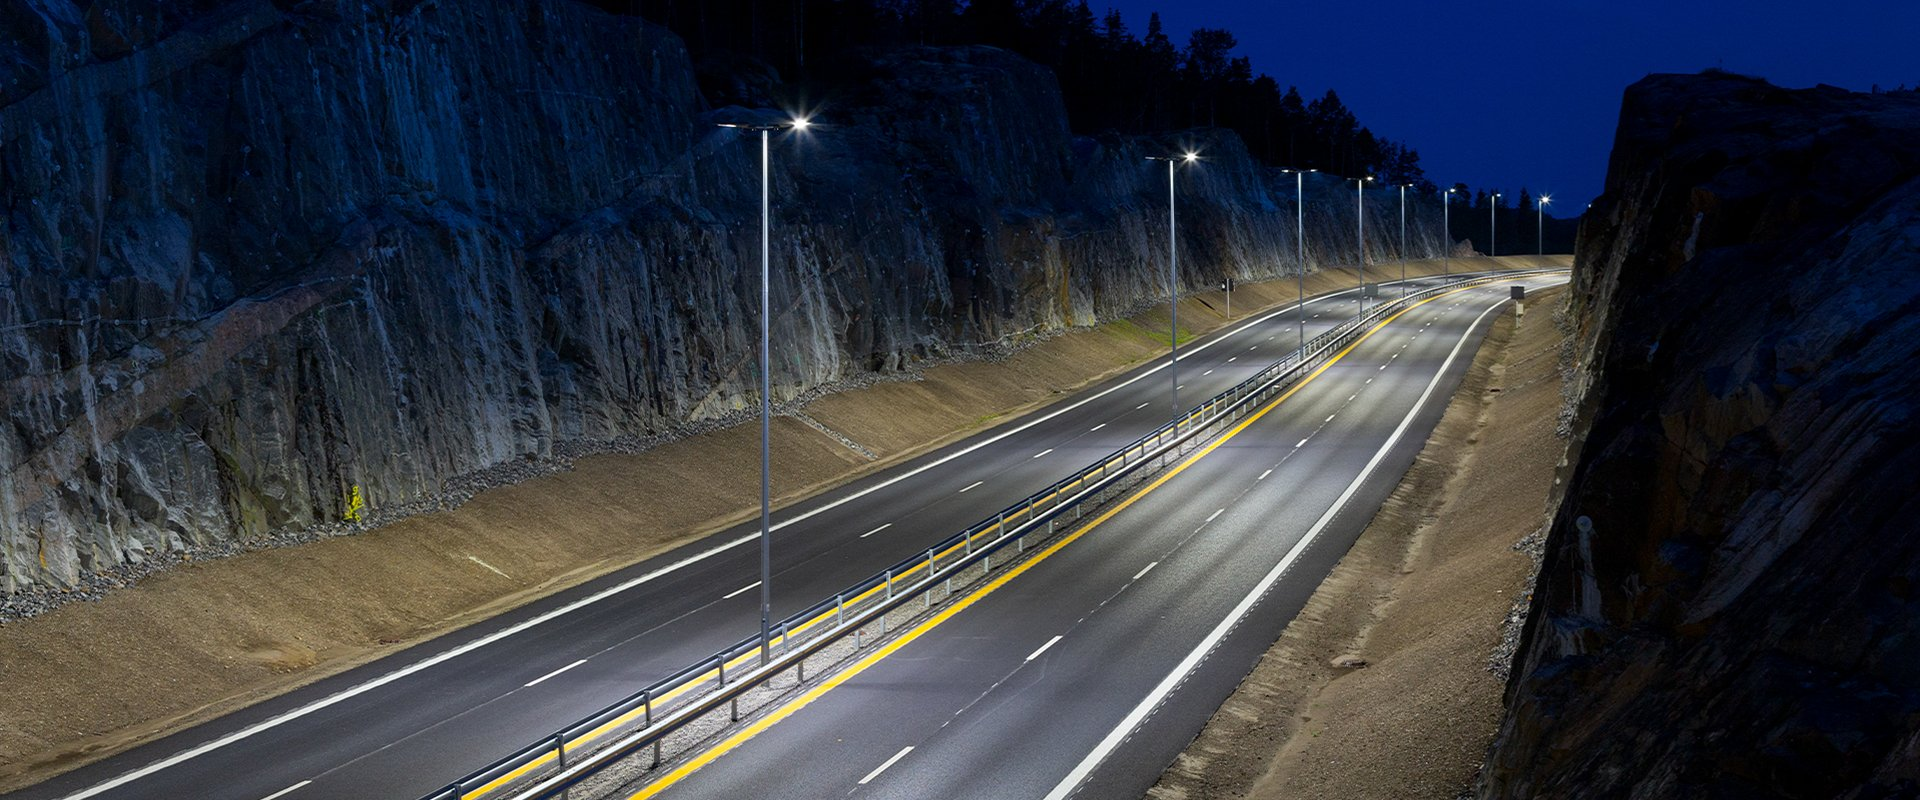 Lampioni per illuminazione a LED